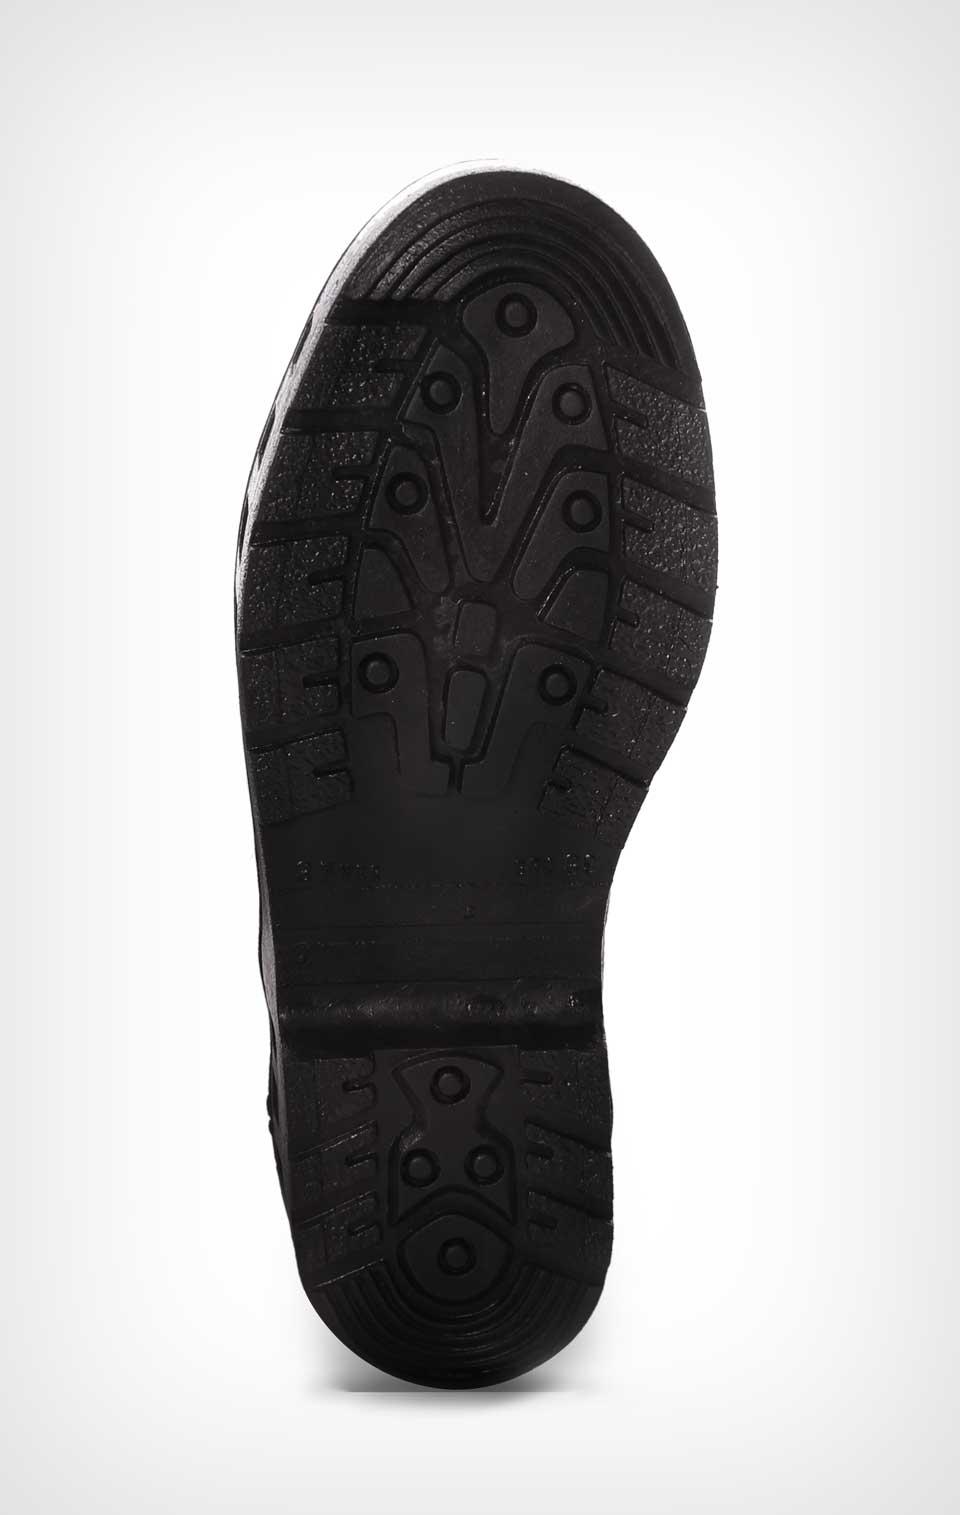 calcado-de-seguranca-bota-com-elastico-essencial-2